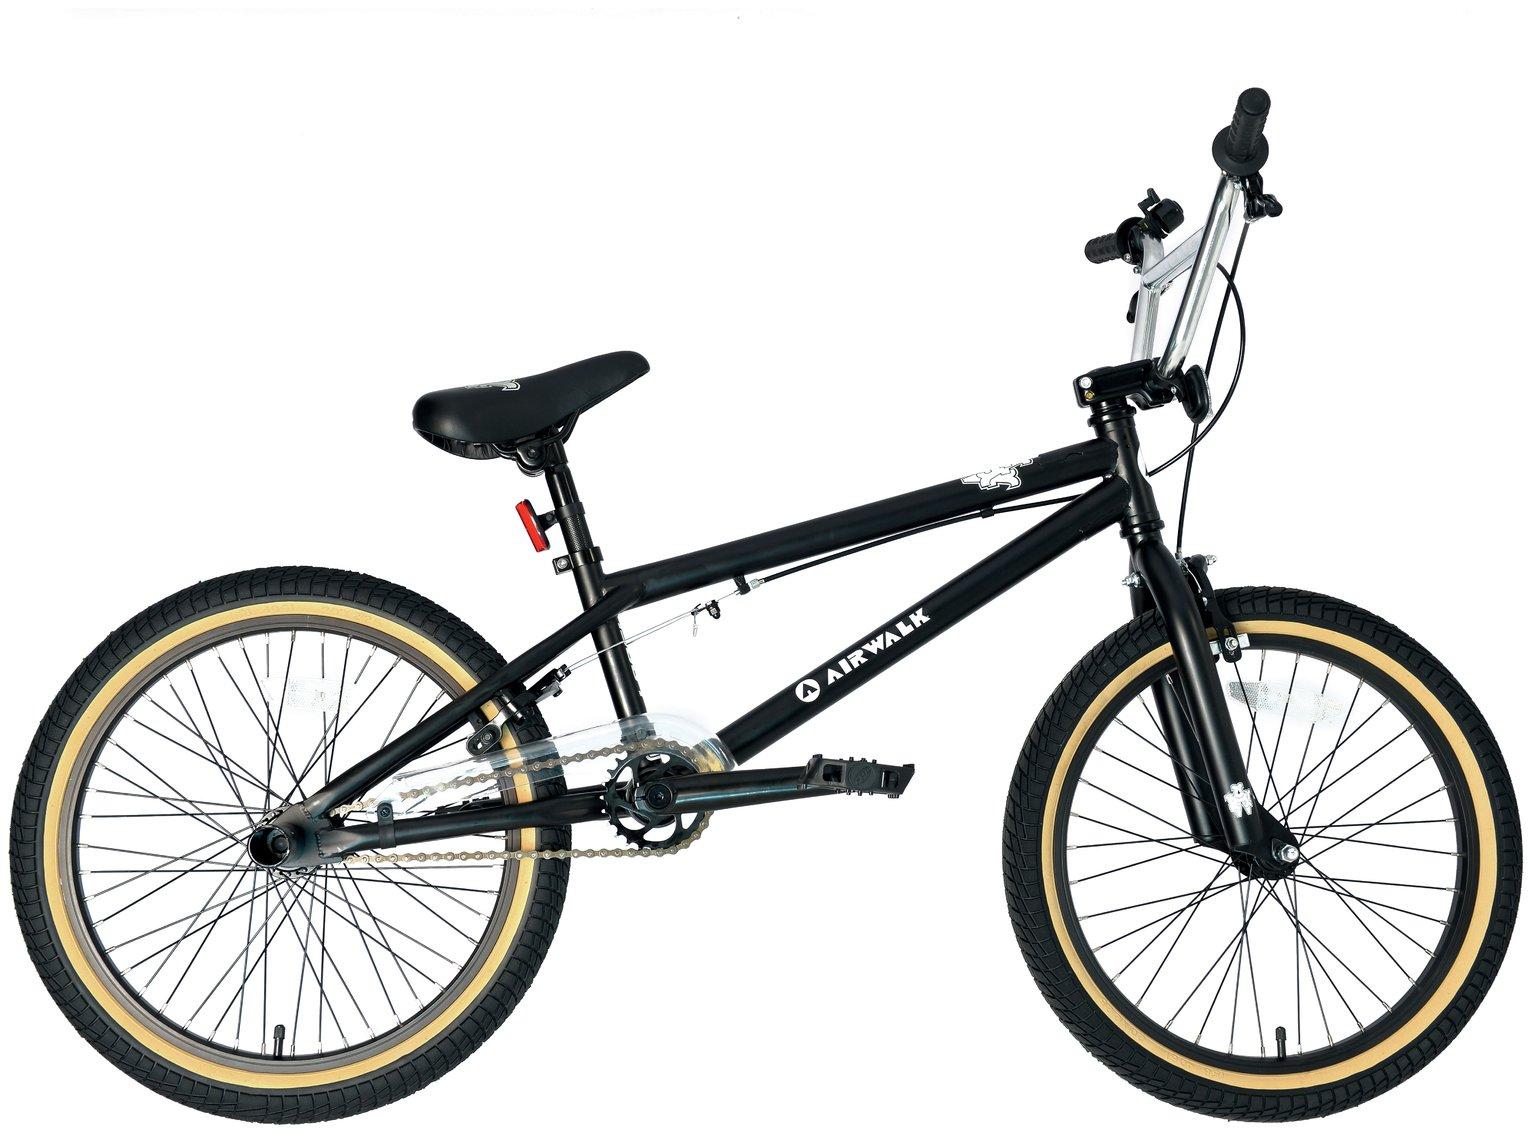 Airwalk 20 Inch BMX Bike - Fahrenheit 1500